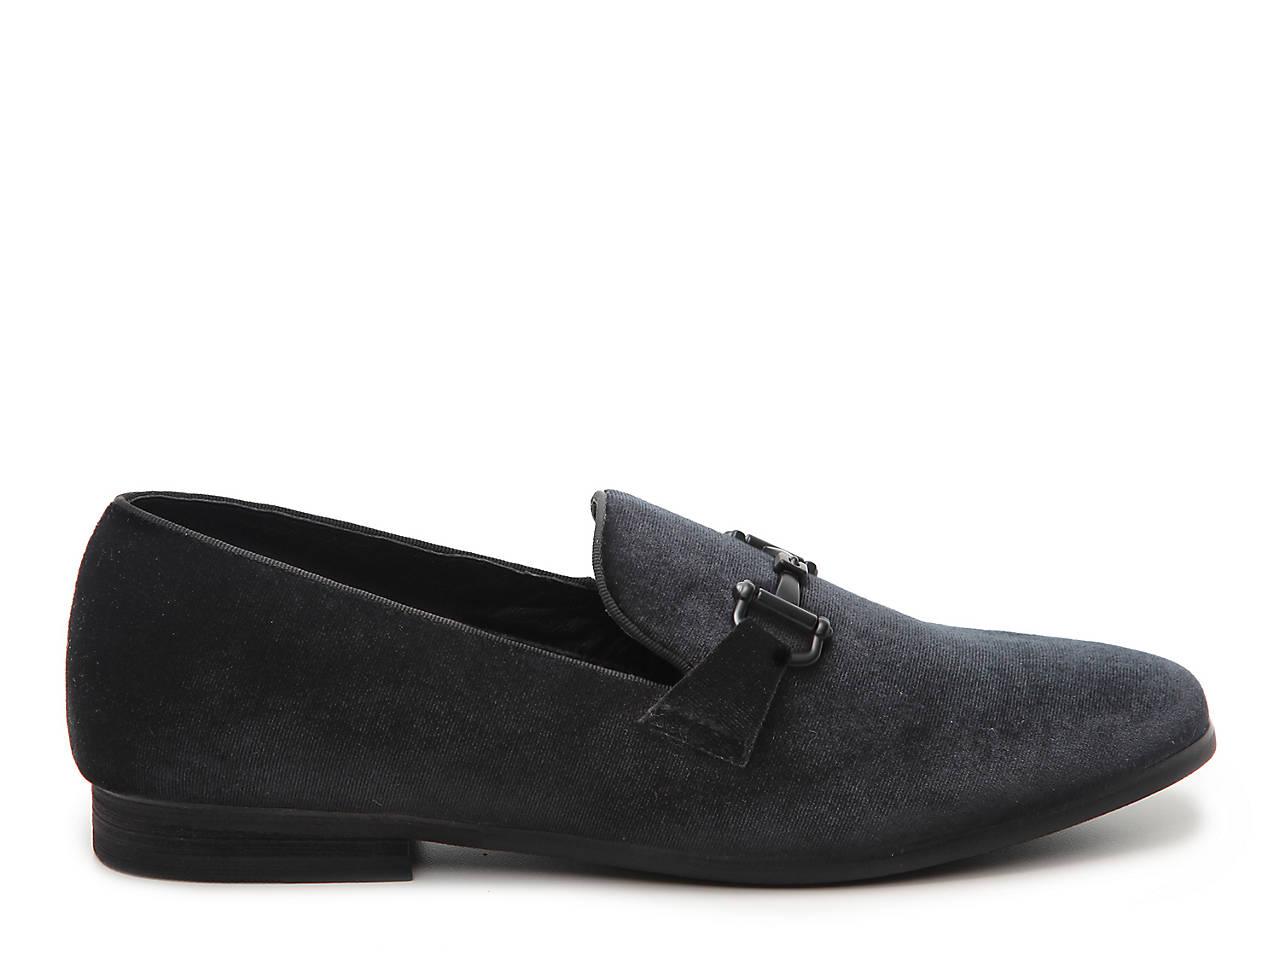 880c7244cc2 Steve Madden P-Didhe Velvet Loafer Men s Shoes